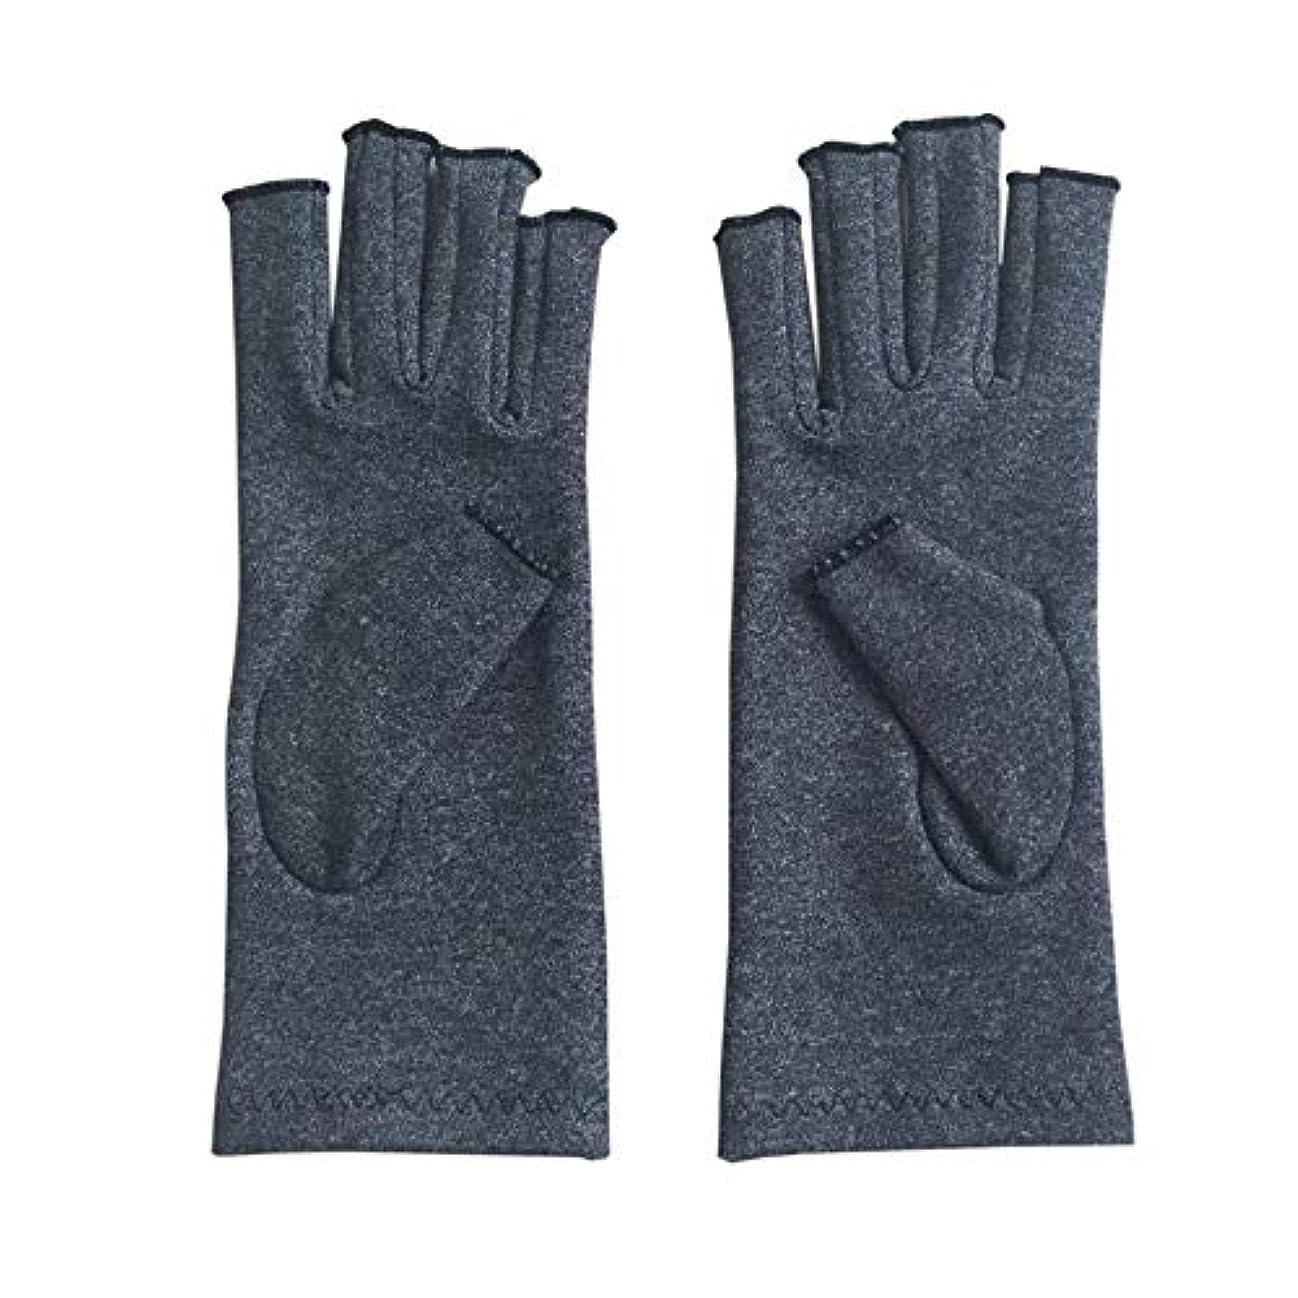 値するドルありふれたペア/セット快適な男性女性療法圧縮手袋無地通気性関節炎関節痛緩和手袋